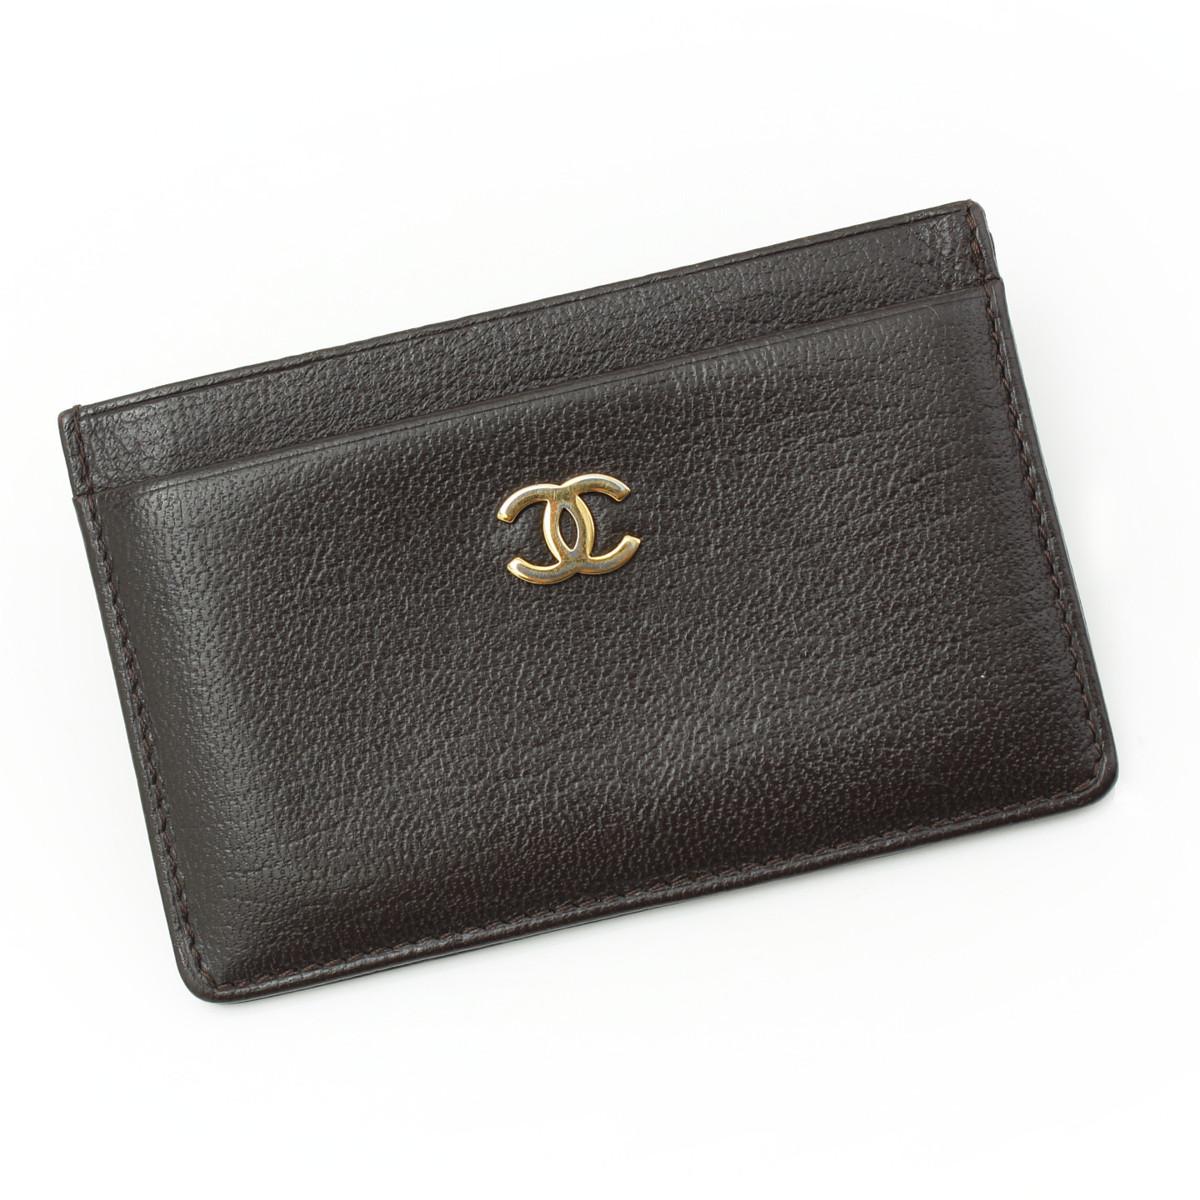 【シャネル】Chanel ココマーク レザー カードケース ダークブラウン 【中古】【鑑定済・正規品保証】26149